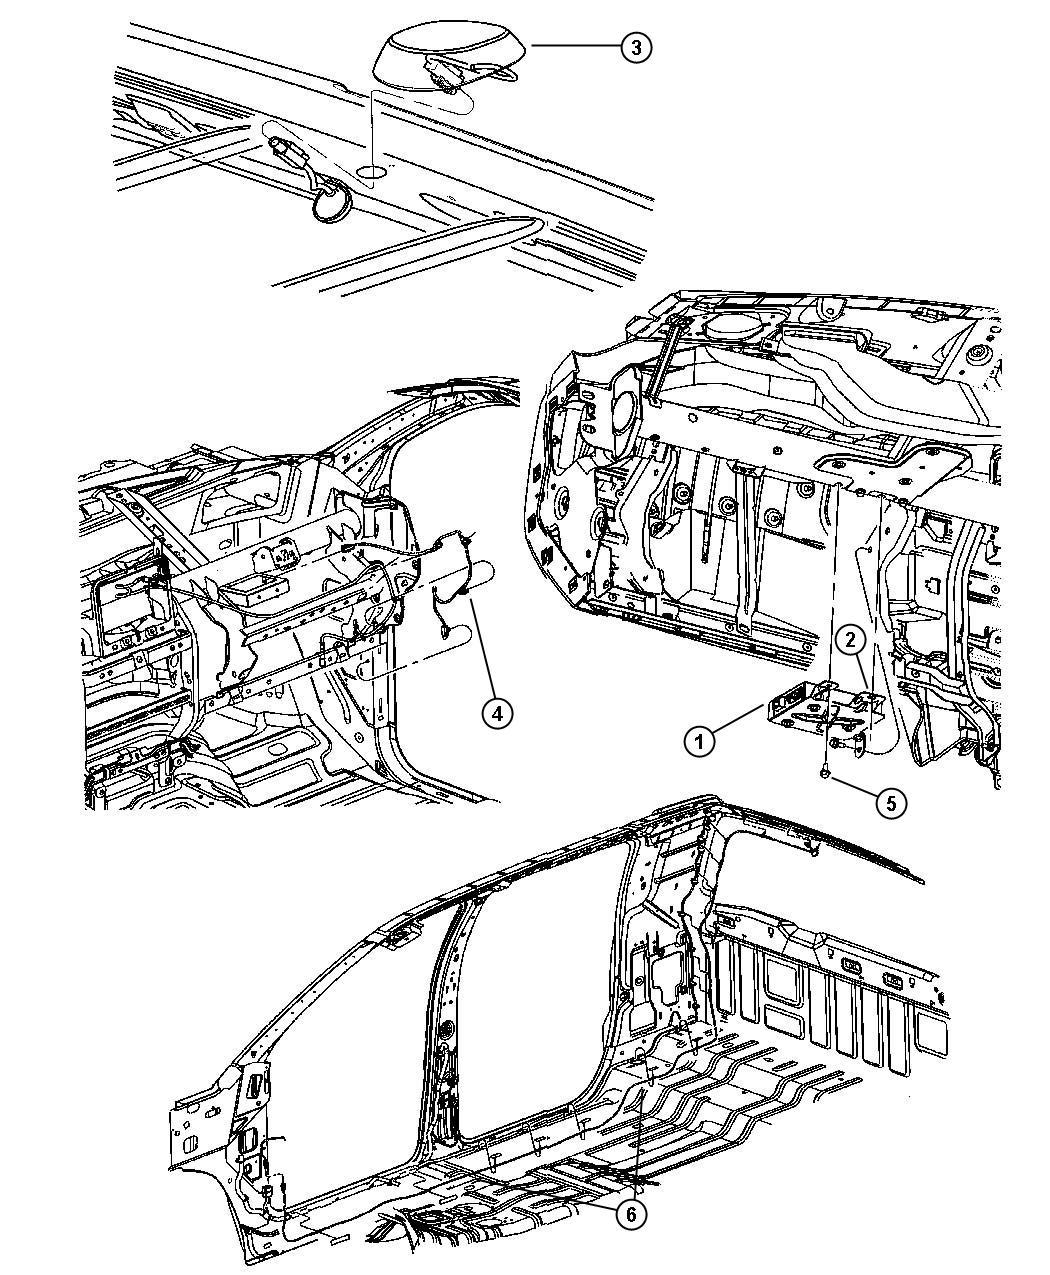 Dodge Ram 5500 Wiring. Radio jumper, satellite antenna